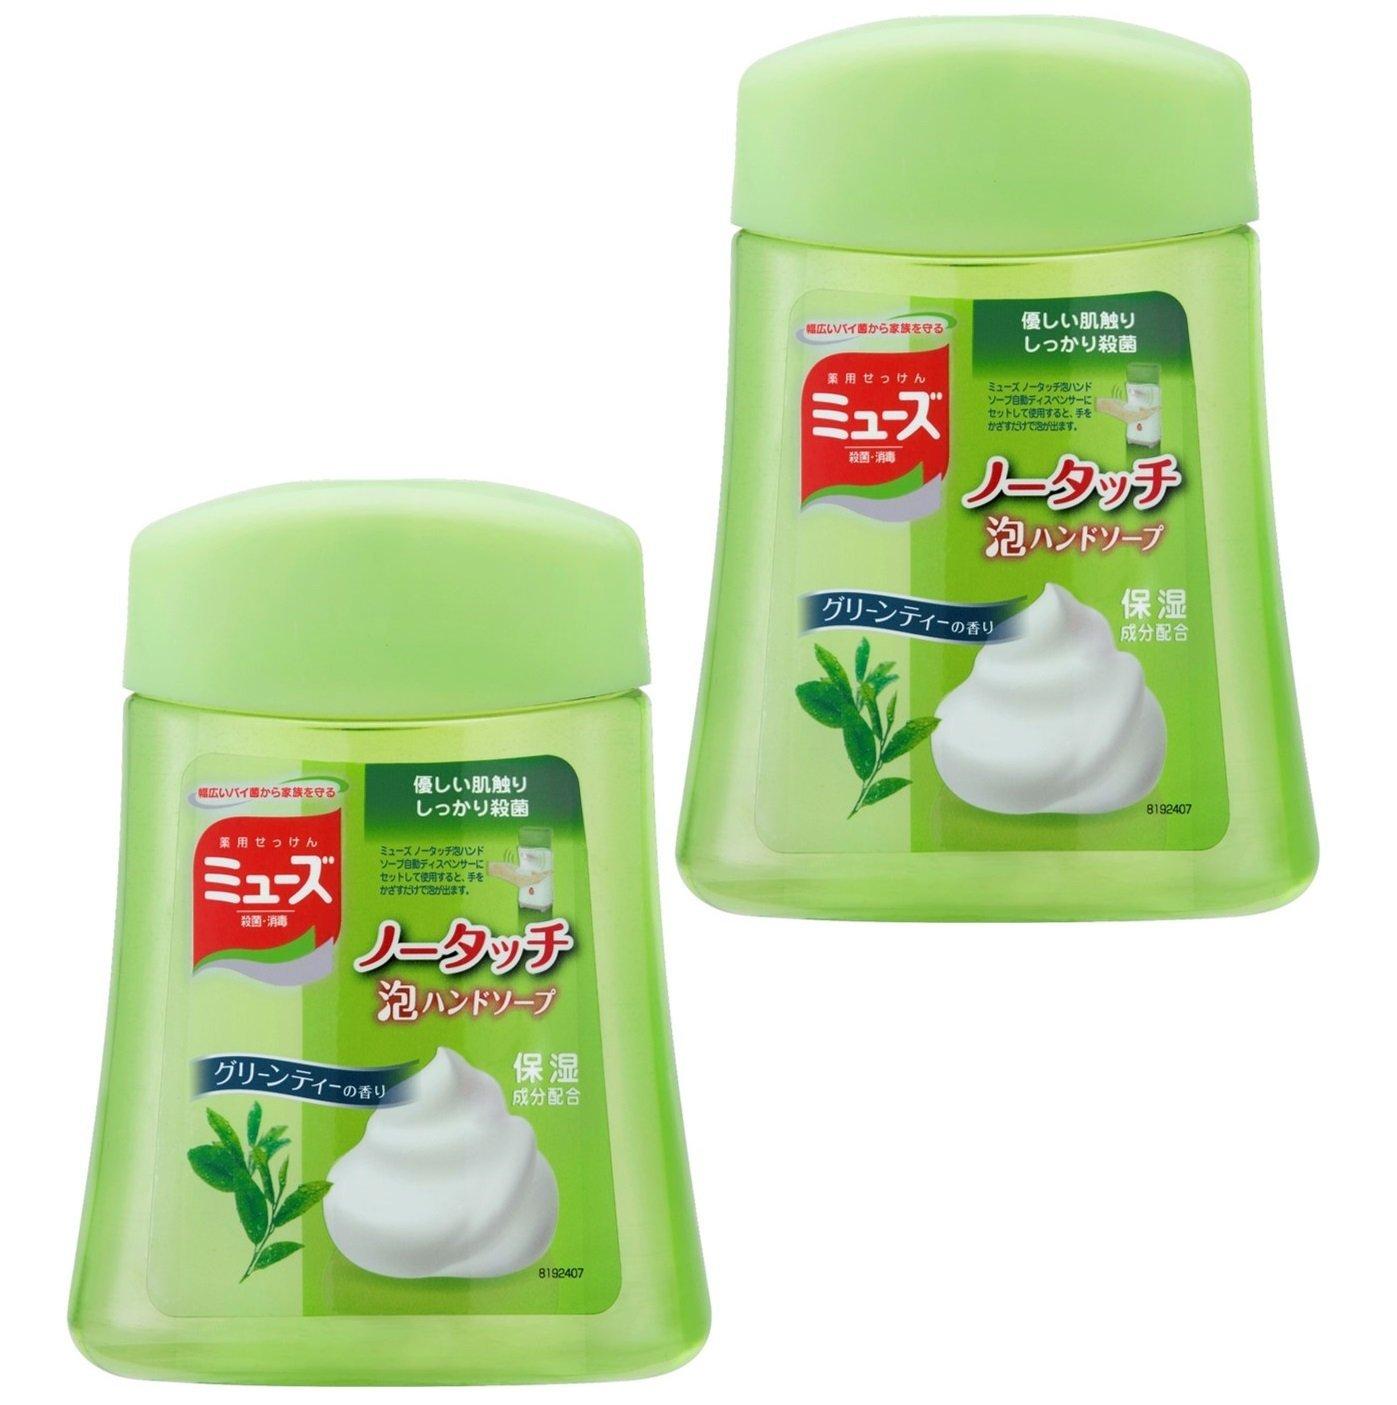 日本MUSE 自動感應式洗手機洗手慕斯泡泡洗手液補充瓶 (綠茶) x2